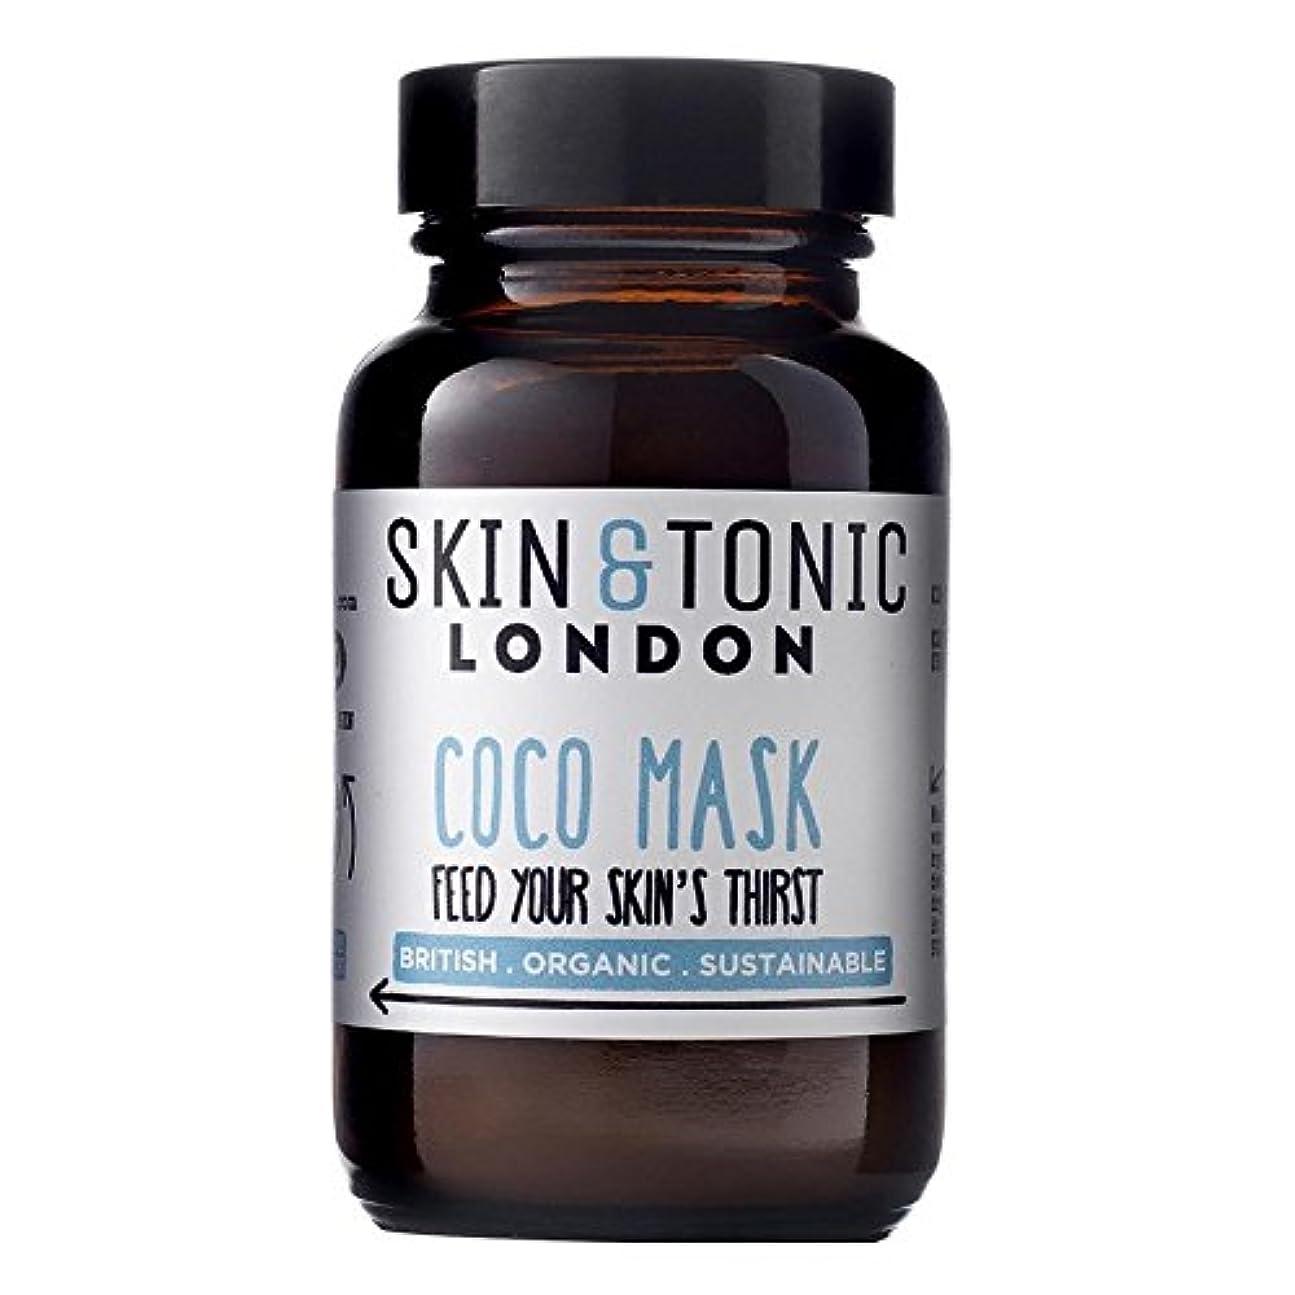 シルクピンチ倍増スキン&トニックロンドンココマスク50グラム x4 - Skin & Tonic London Coco Mask 50g (Pack of 4) [並行輸入品]